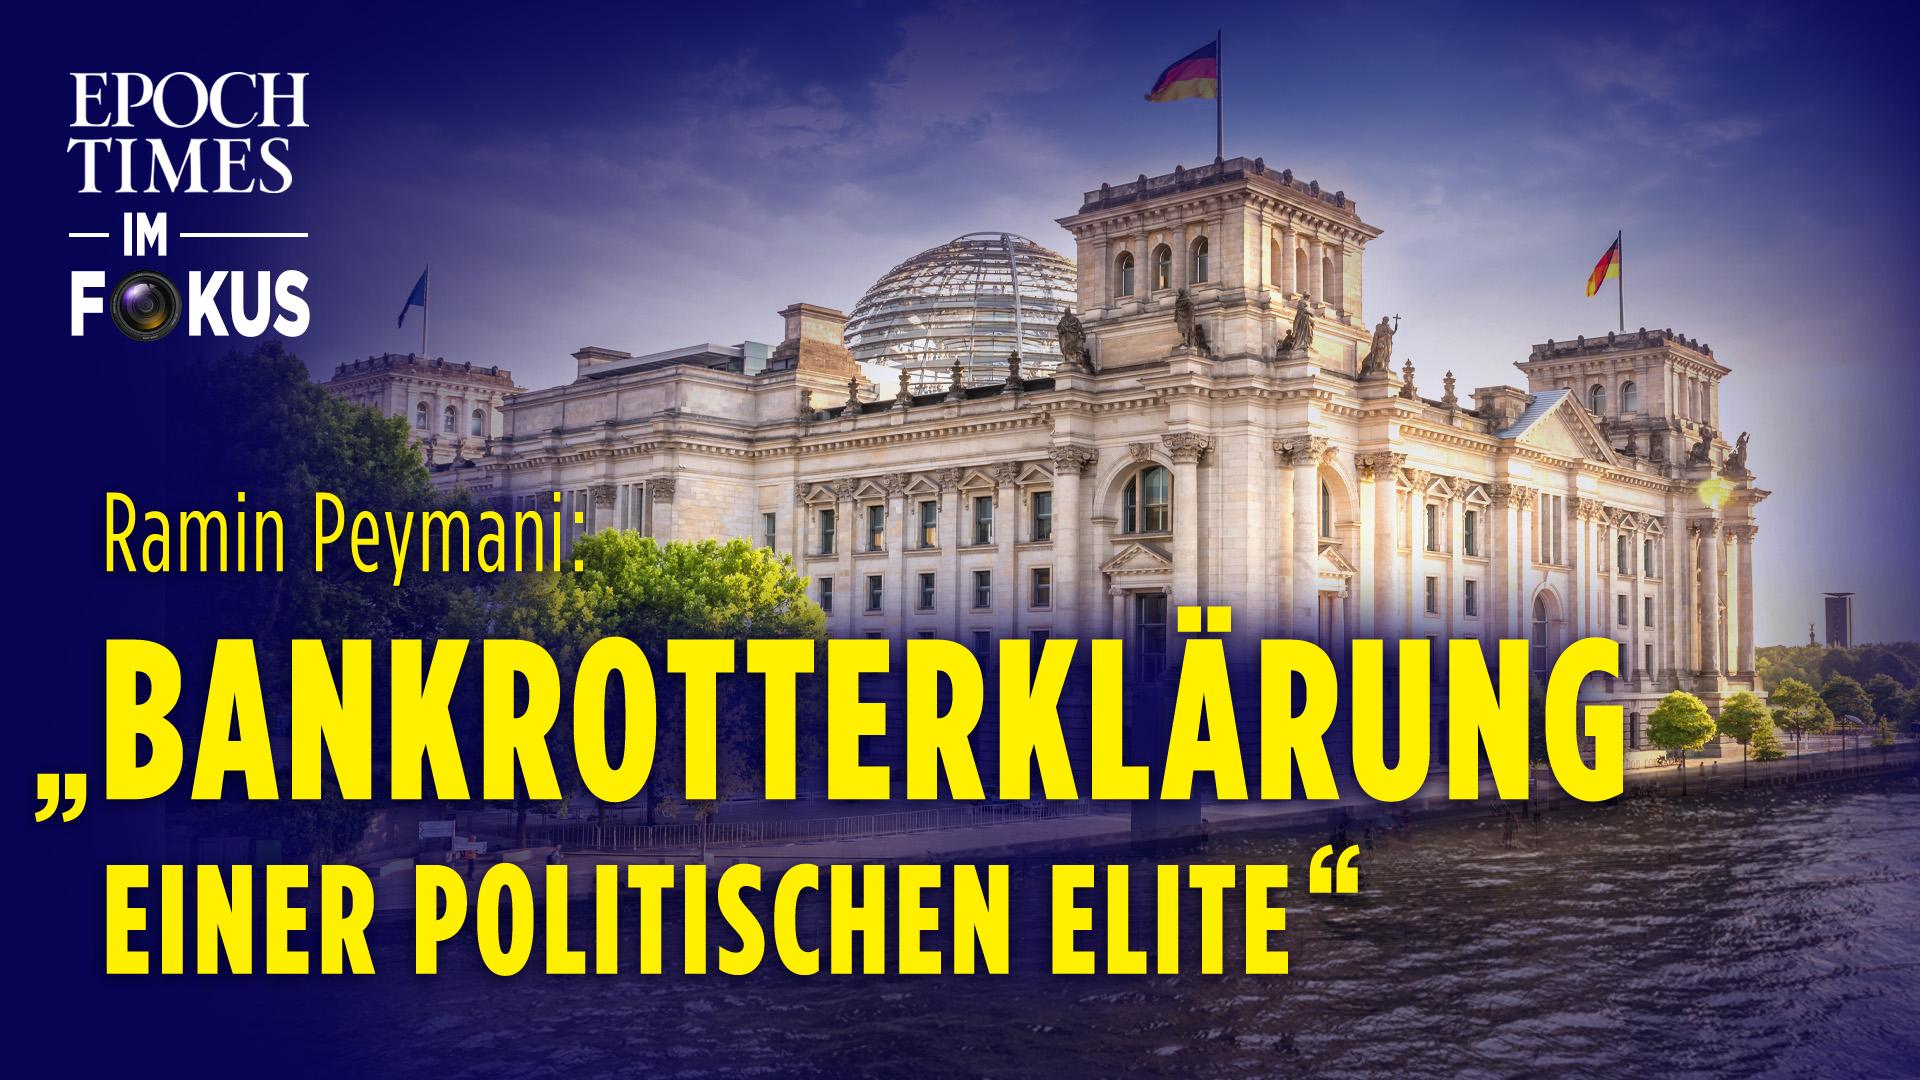 Die Festung Reichstag: Wie sich die Regierenden für die Folgen ihrer Politik rüsten   ET im Fokus